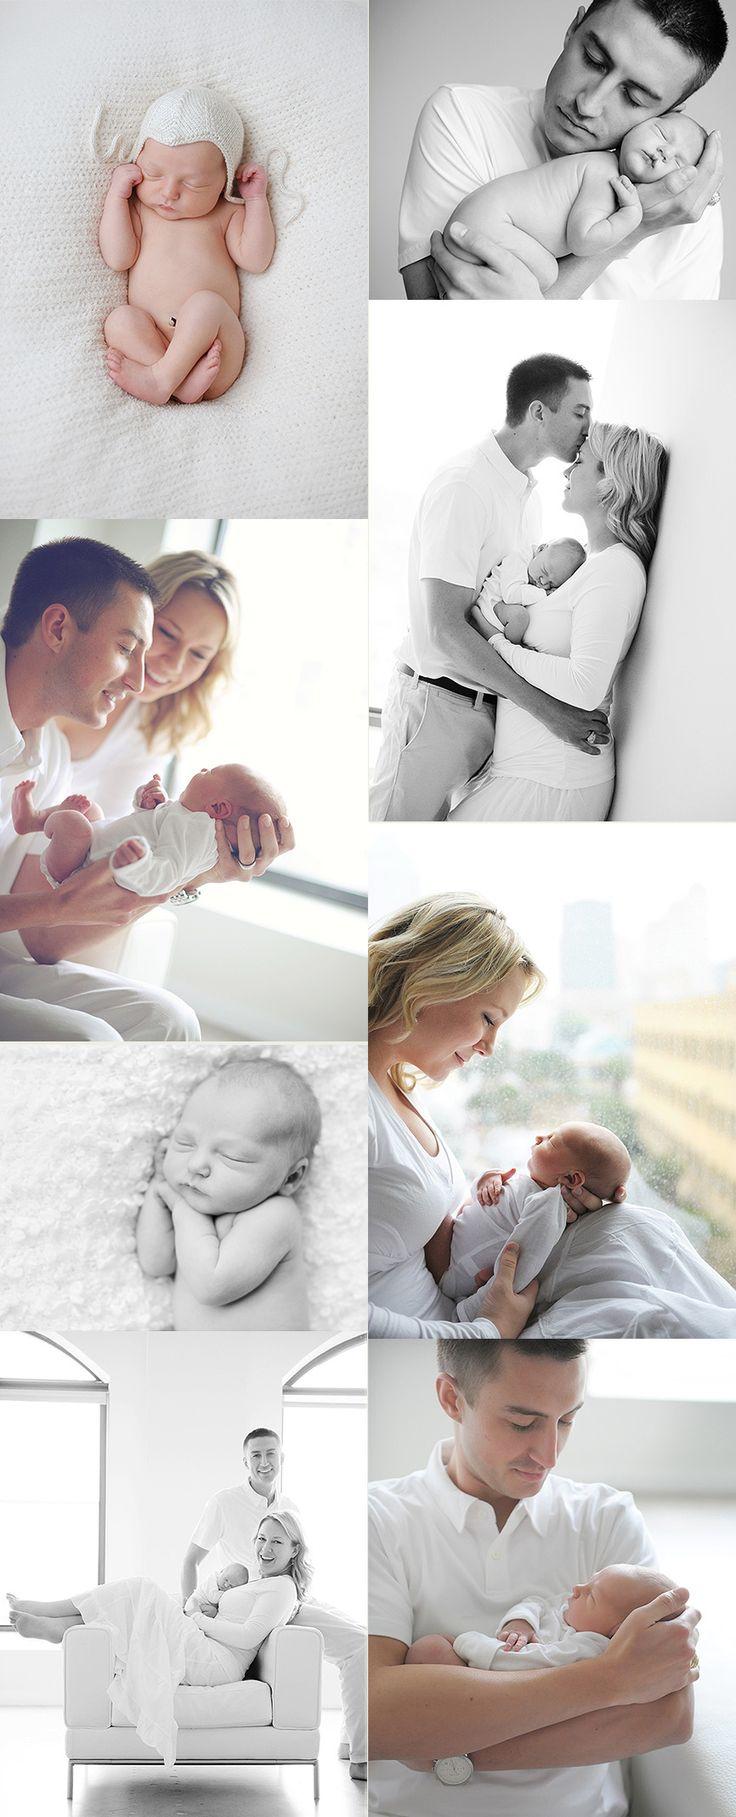 I love this baby photo